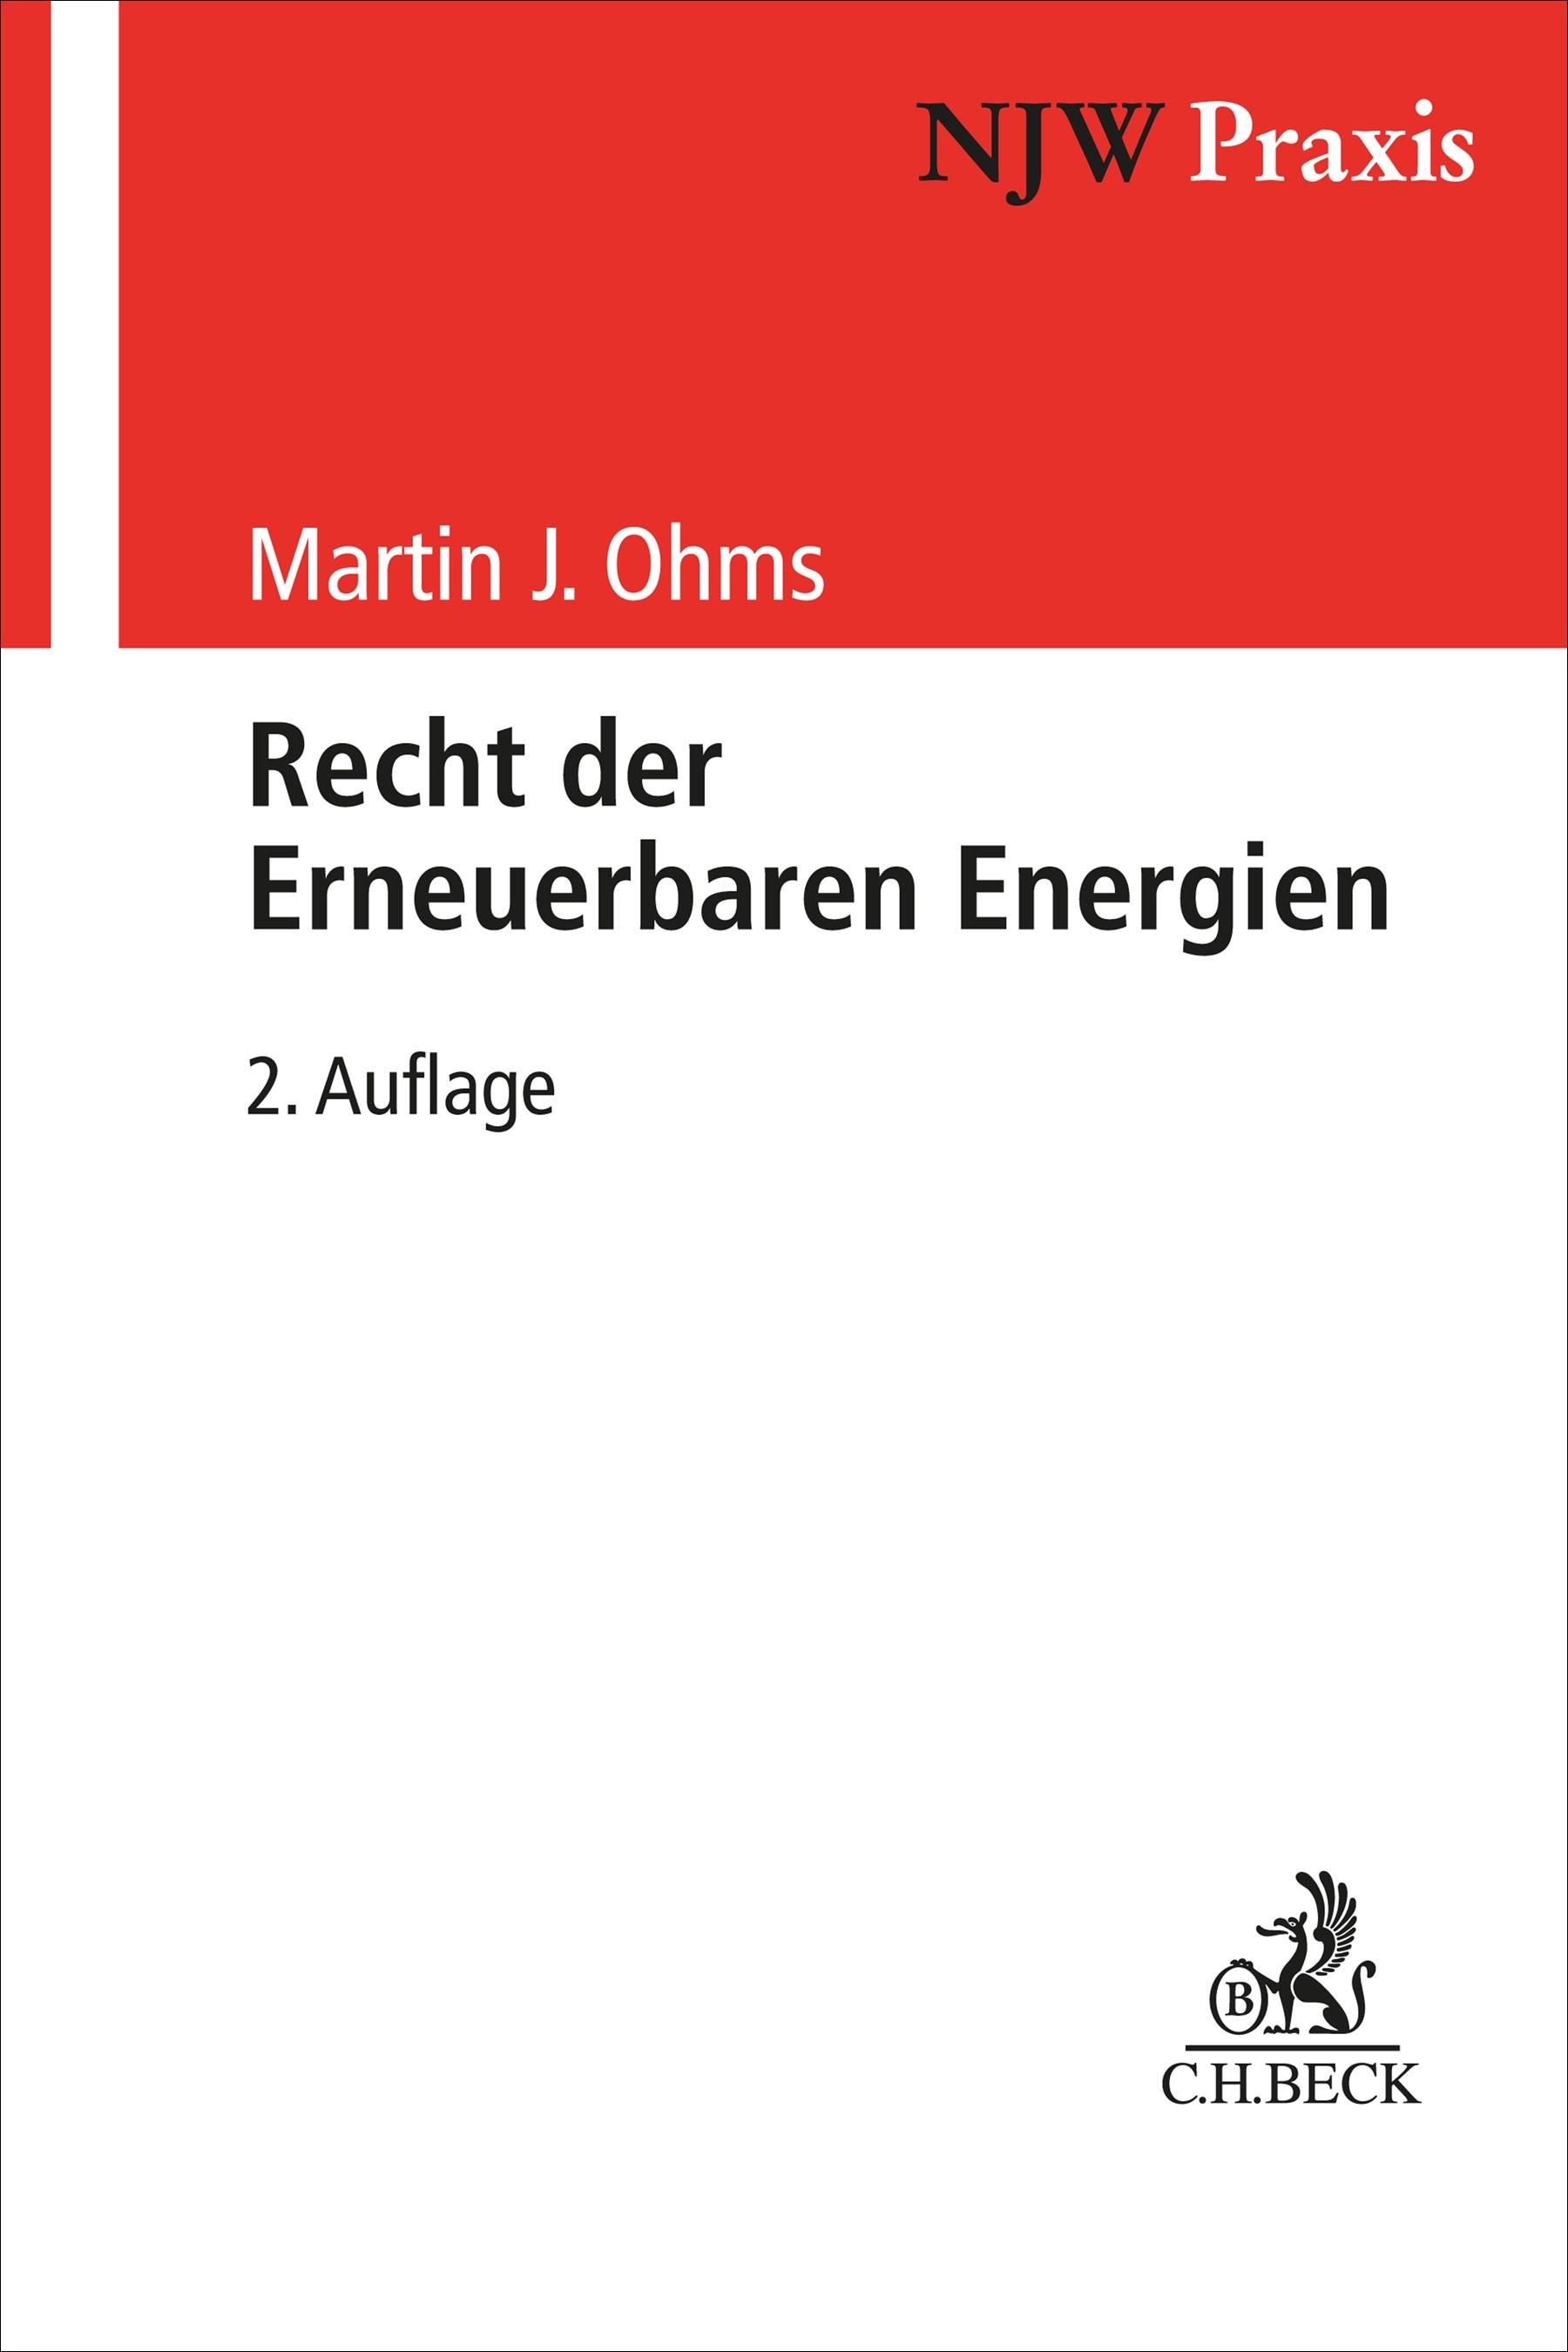 Recht der Erneuerbaren Energien   Ohms   2. Auflage, 2019   Buch (Cover)